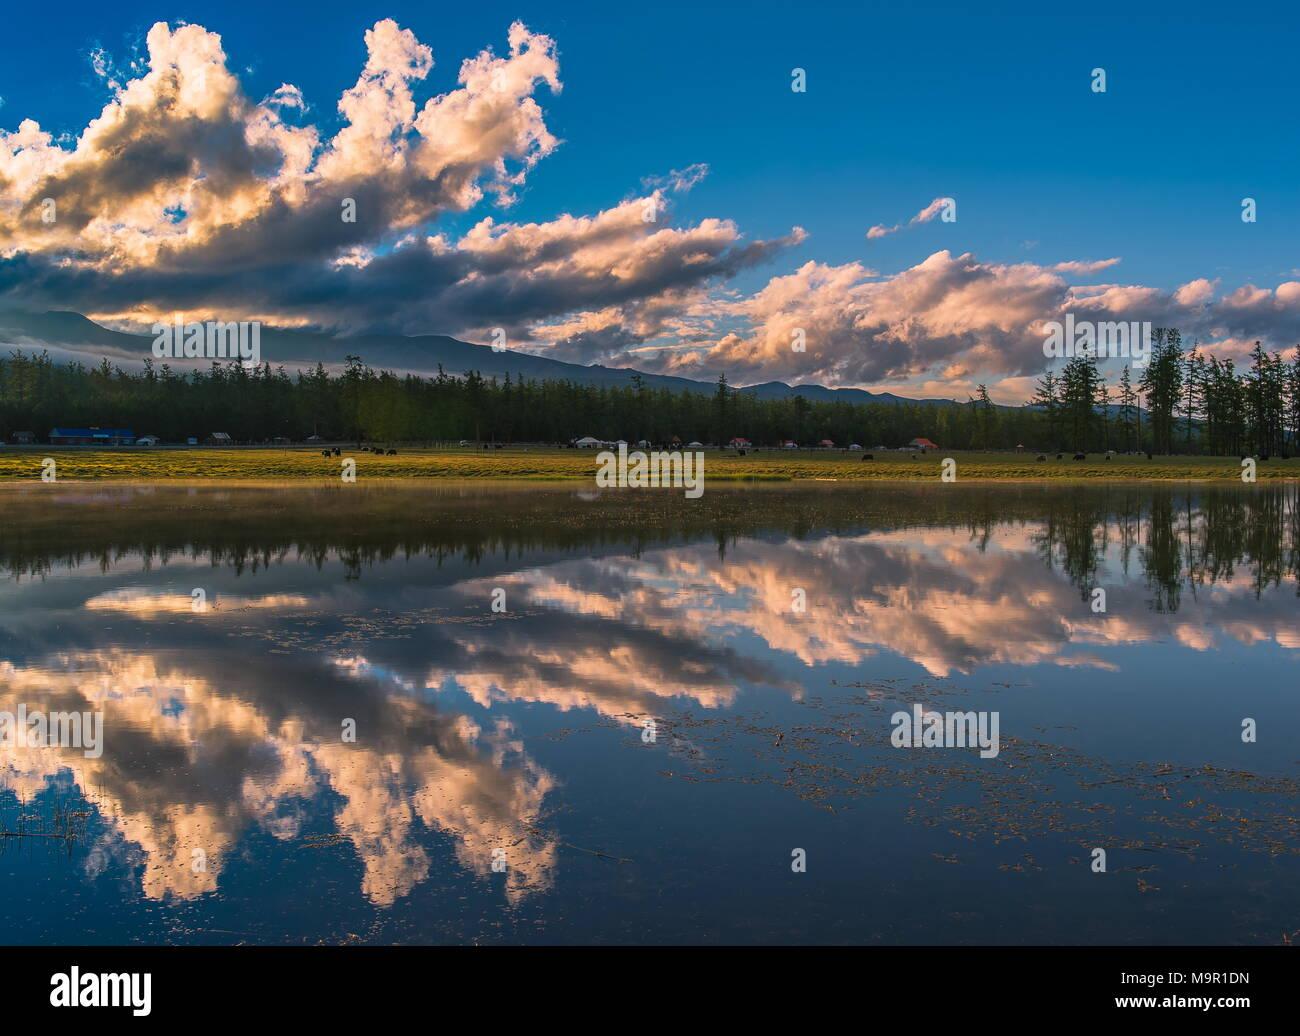 Lac Khuvsgul, avec des nuages et des réflexions de l'eau, la Mongolie Banque D'Images